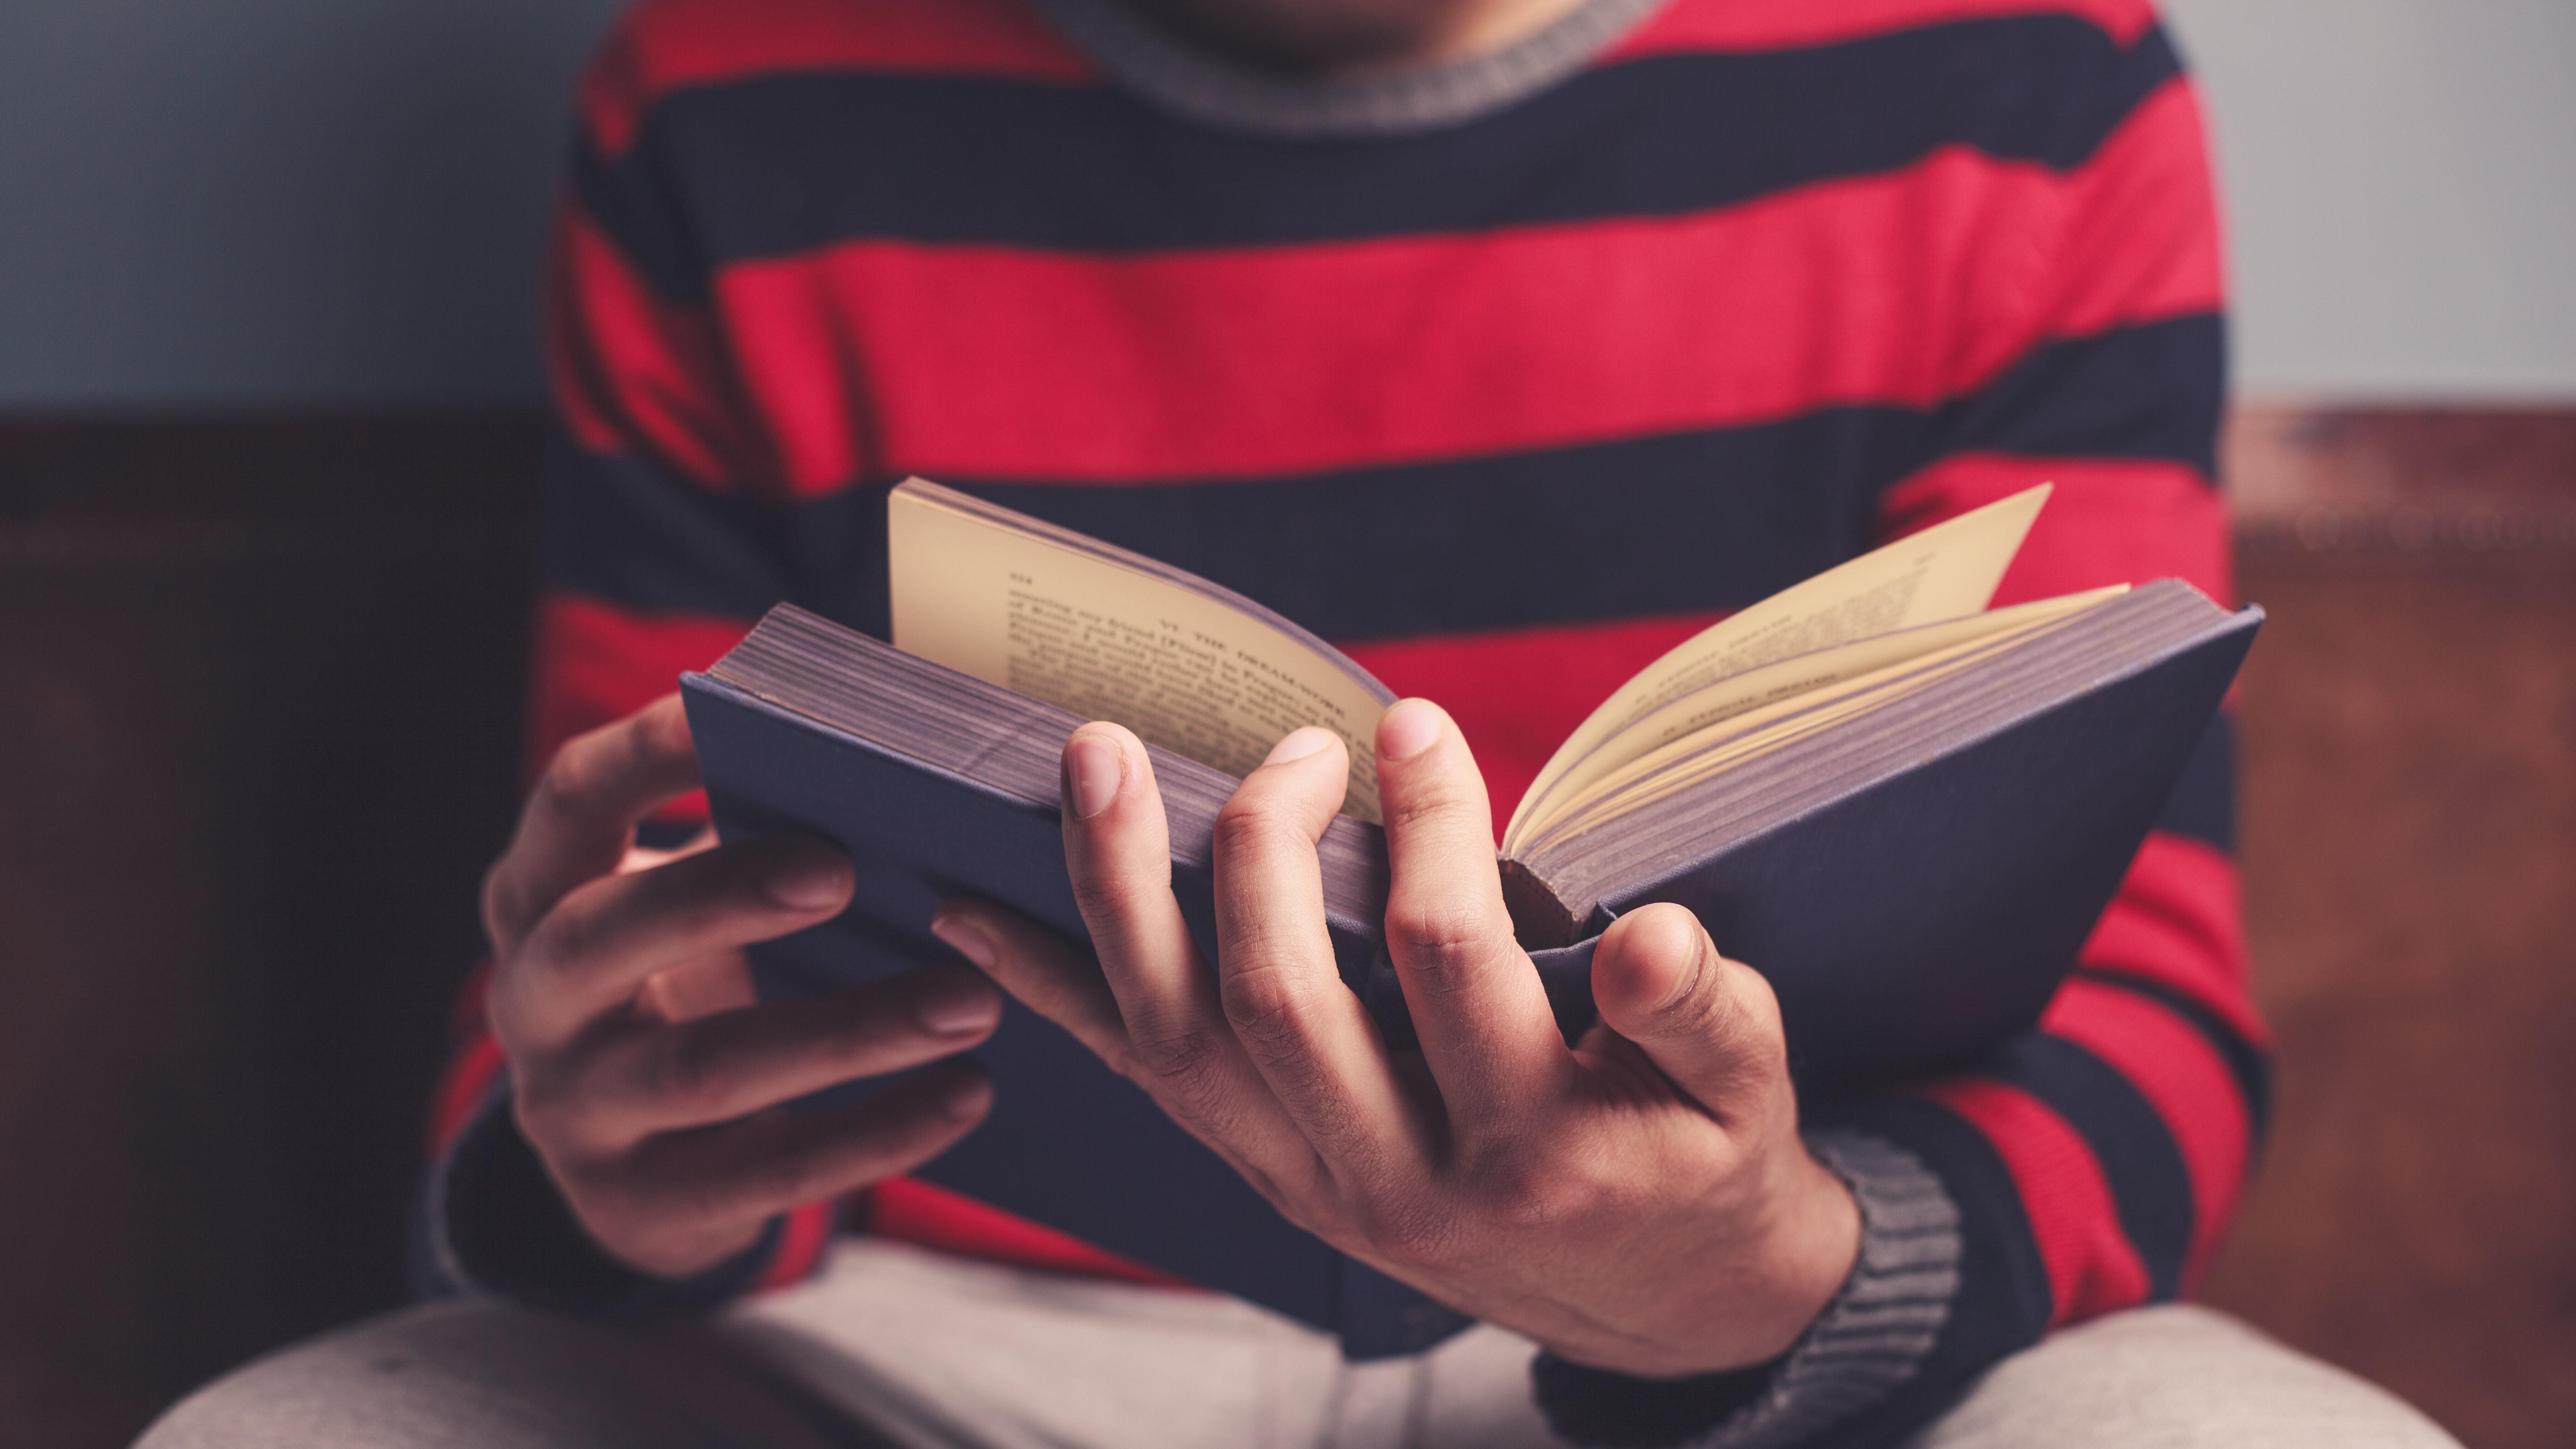 Pesquisar a Bíblia pode aliviar nossa visão mental